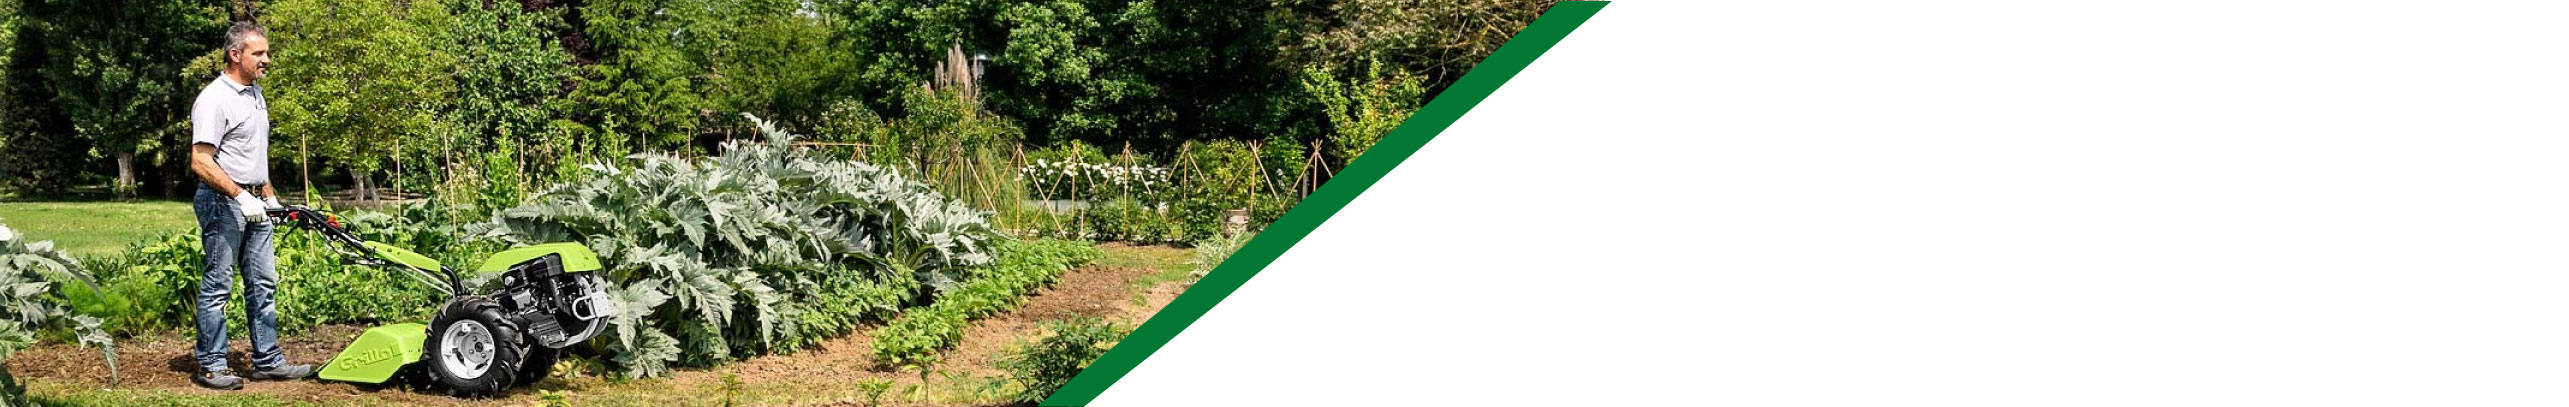 Grillo maquinaria agrícola - Diskubota distribuidor autorizado Colombia